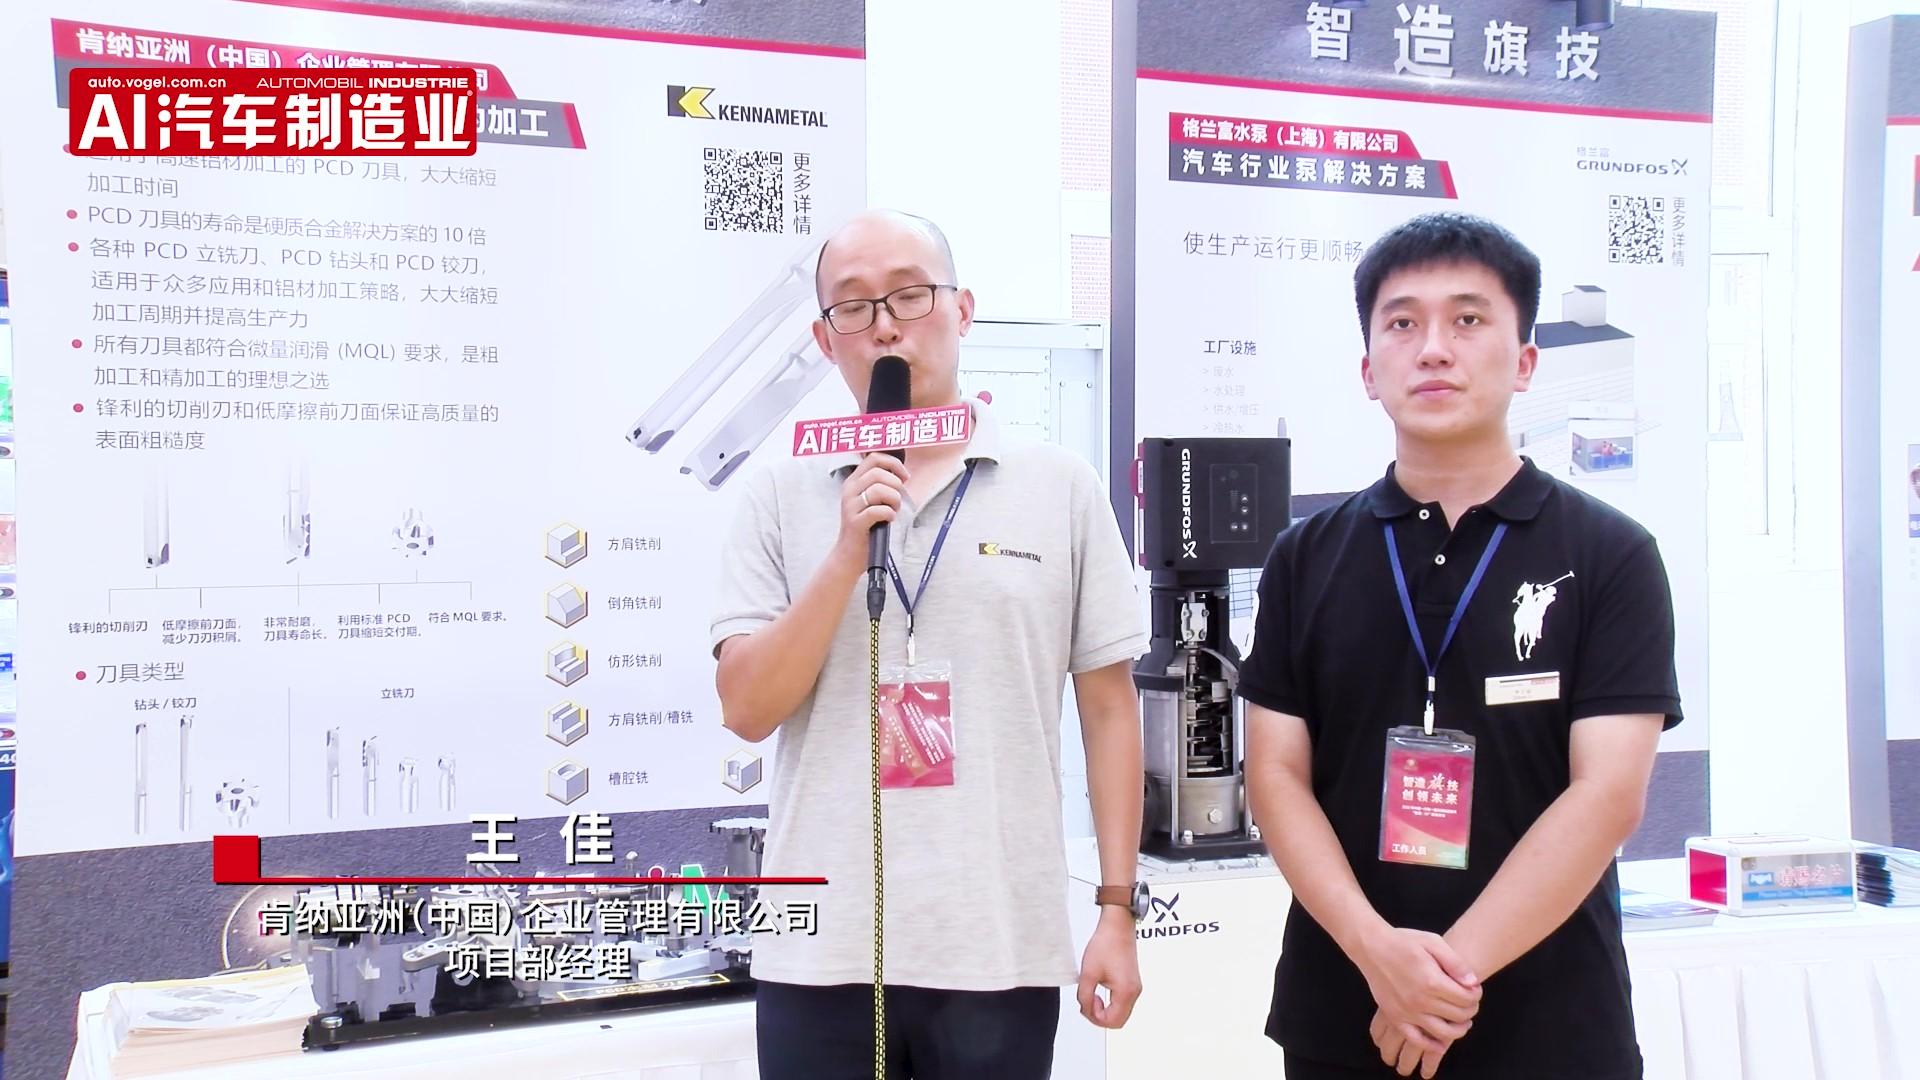 肯纳亚洲(中国)企业管理有限公司项目部经理王佳